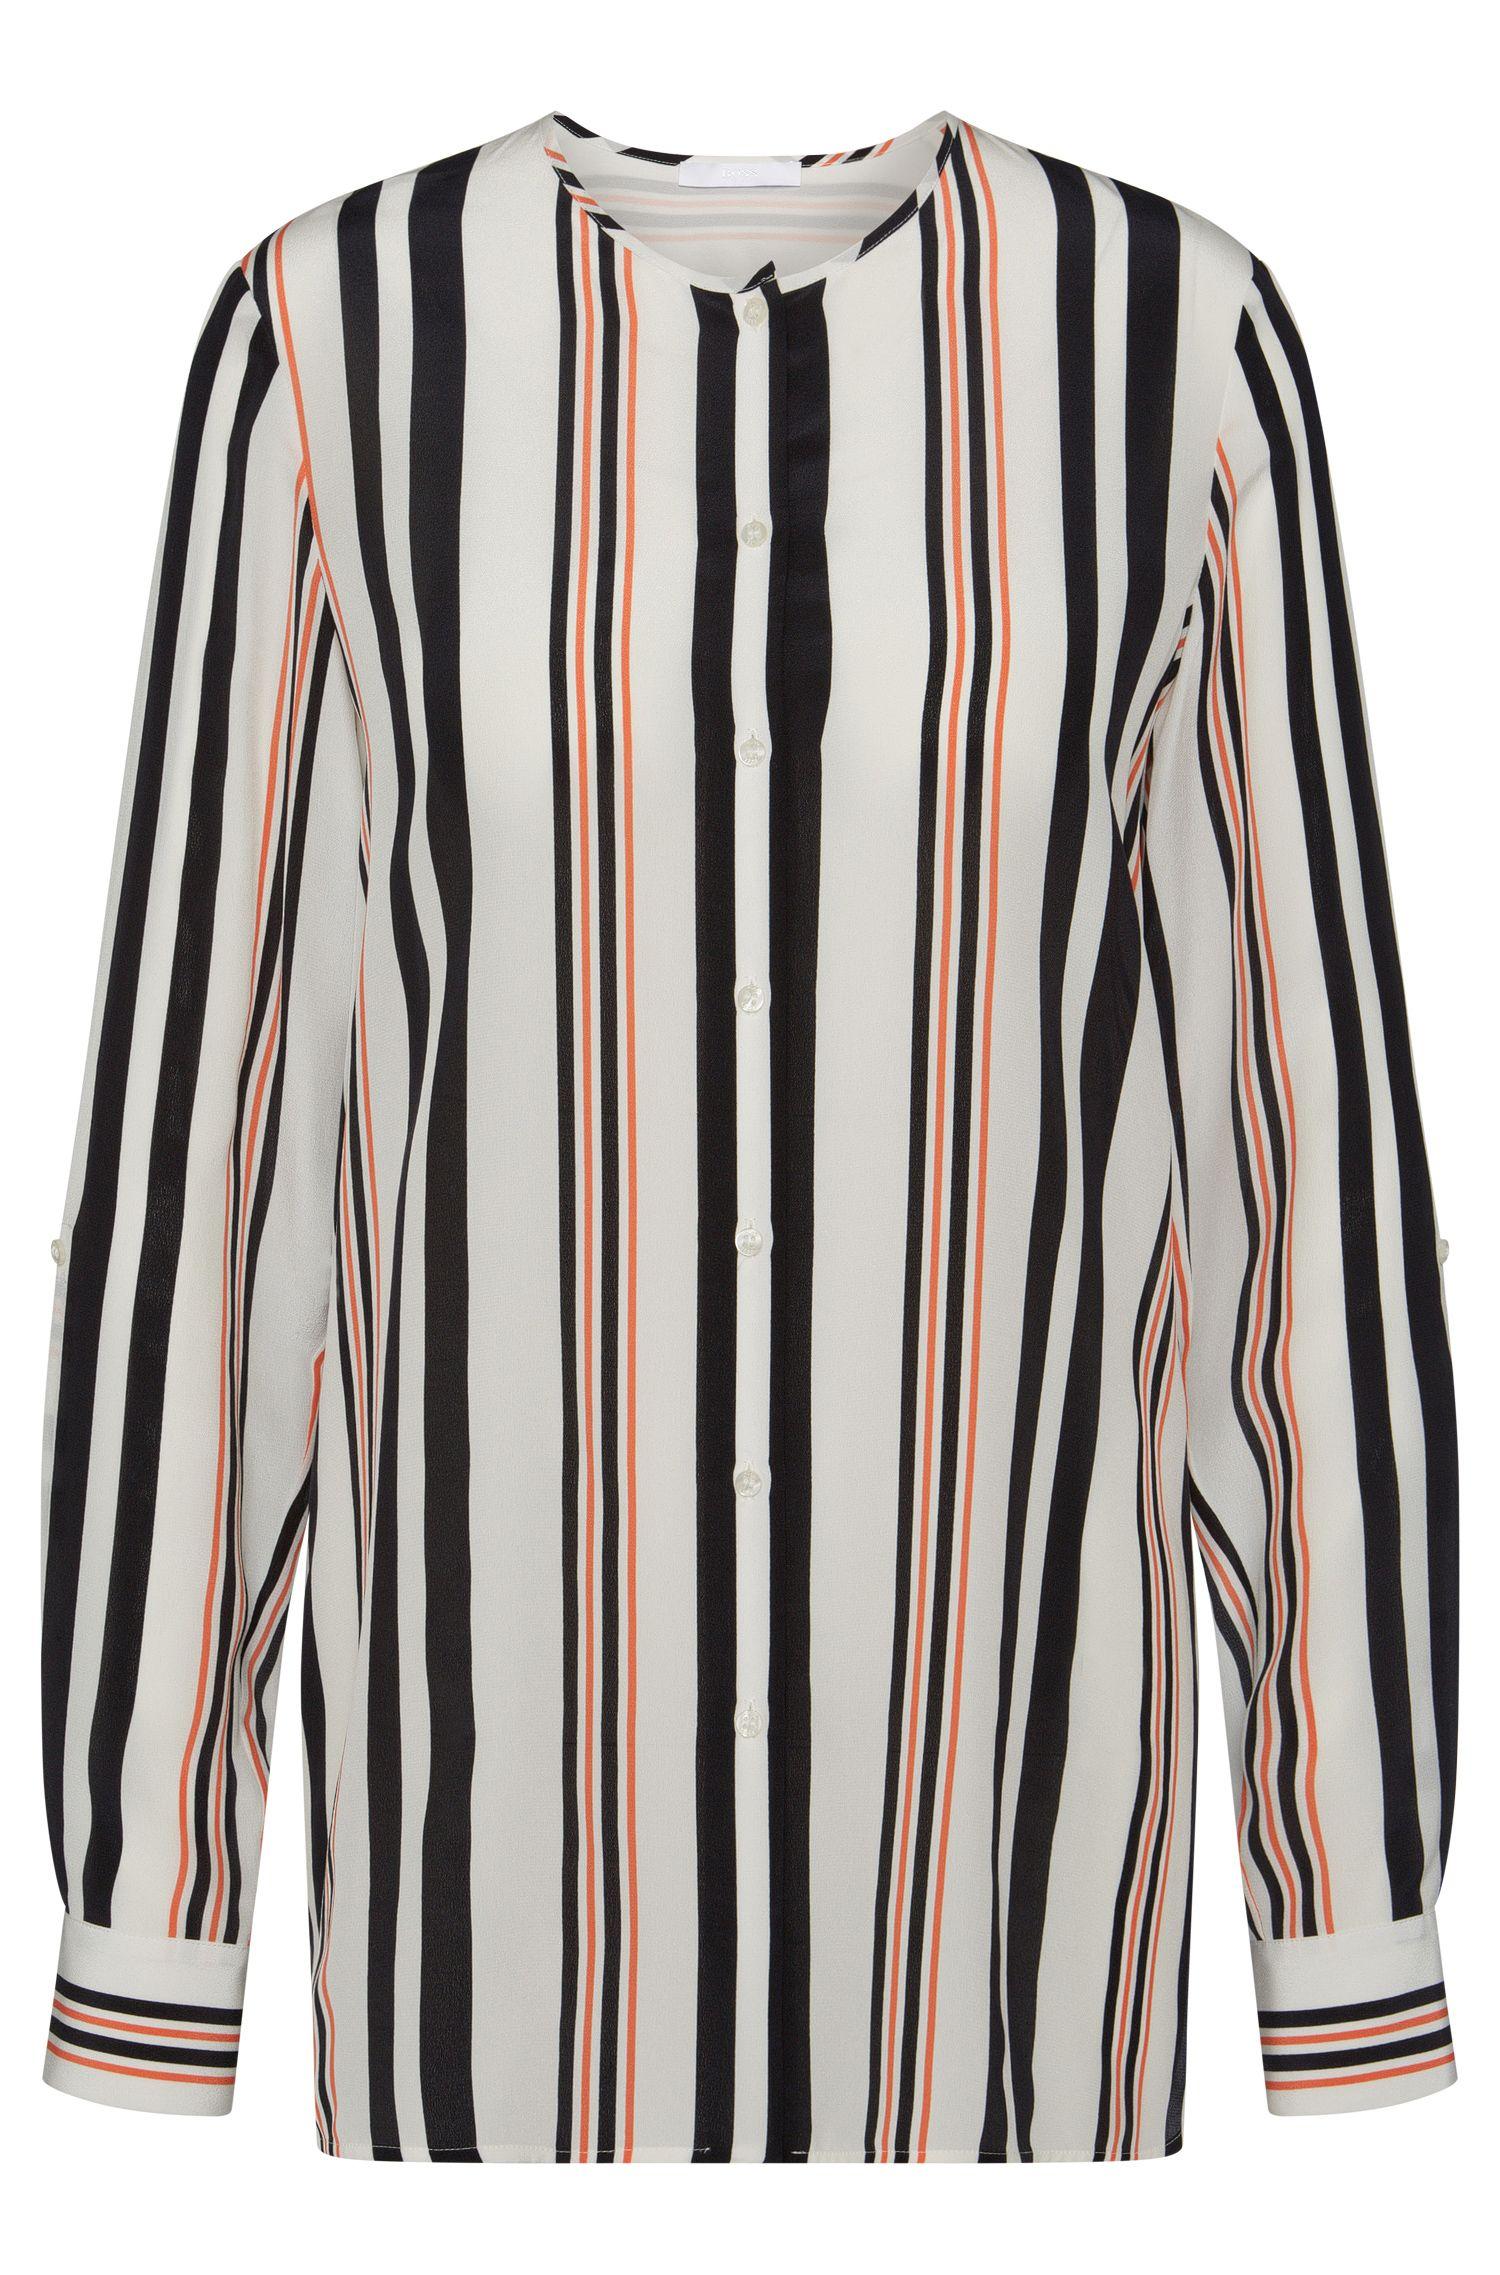 Gestreifte Regular-Fit Bluse aus reiner Seide: 'Relliana'